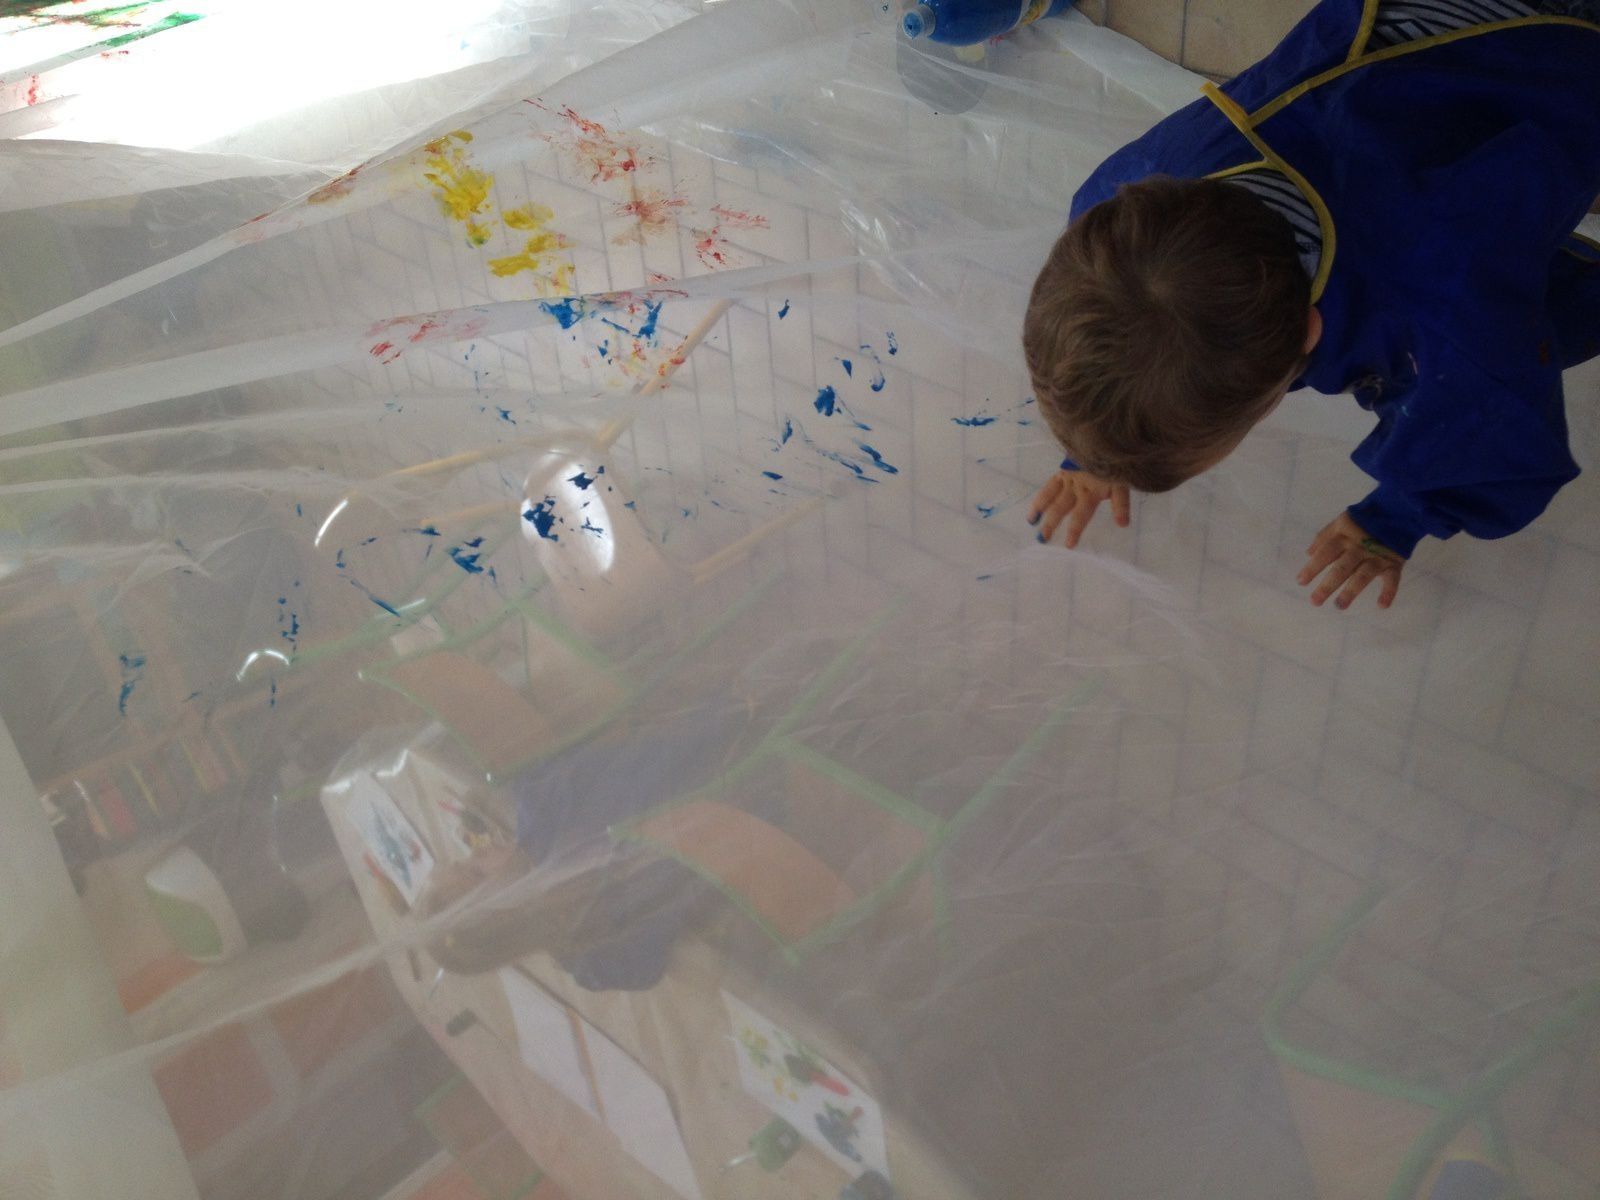 peinture sur drap de nylon, facilement lavable en machine pour recommencer